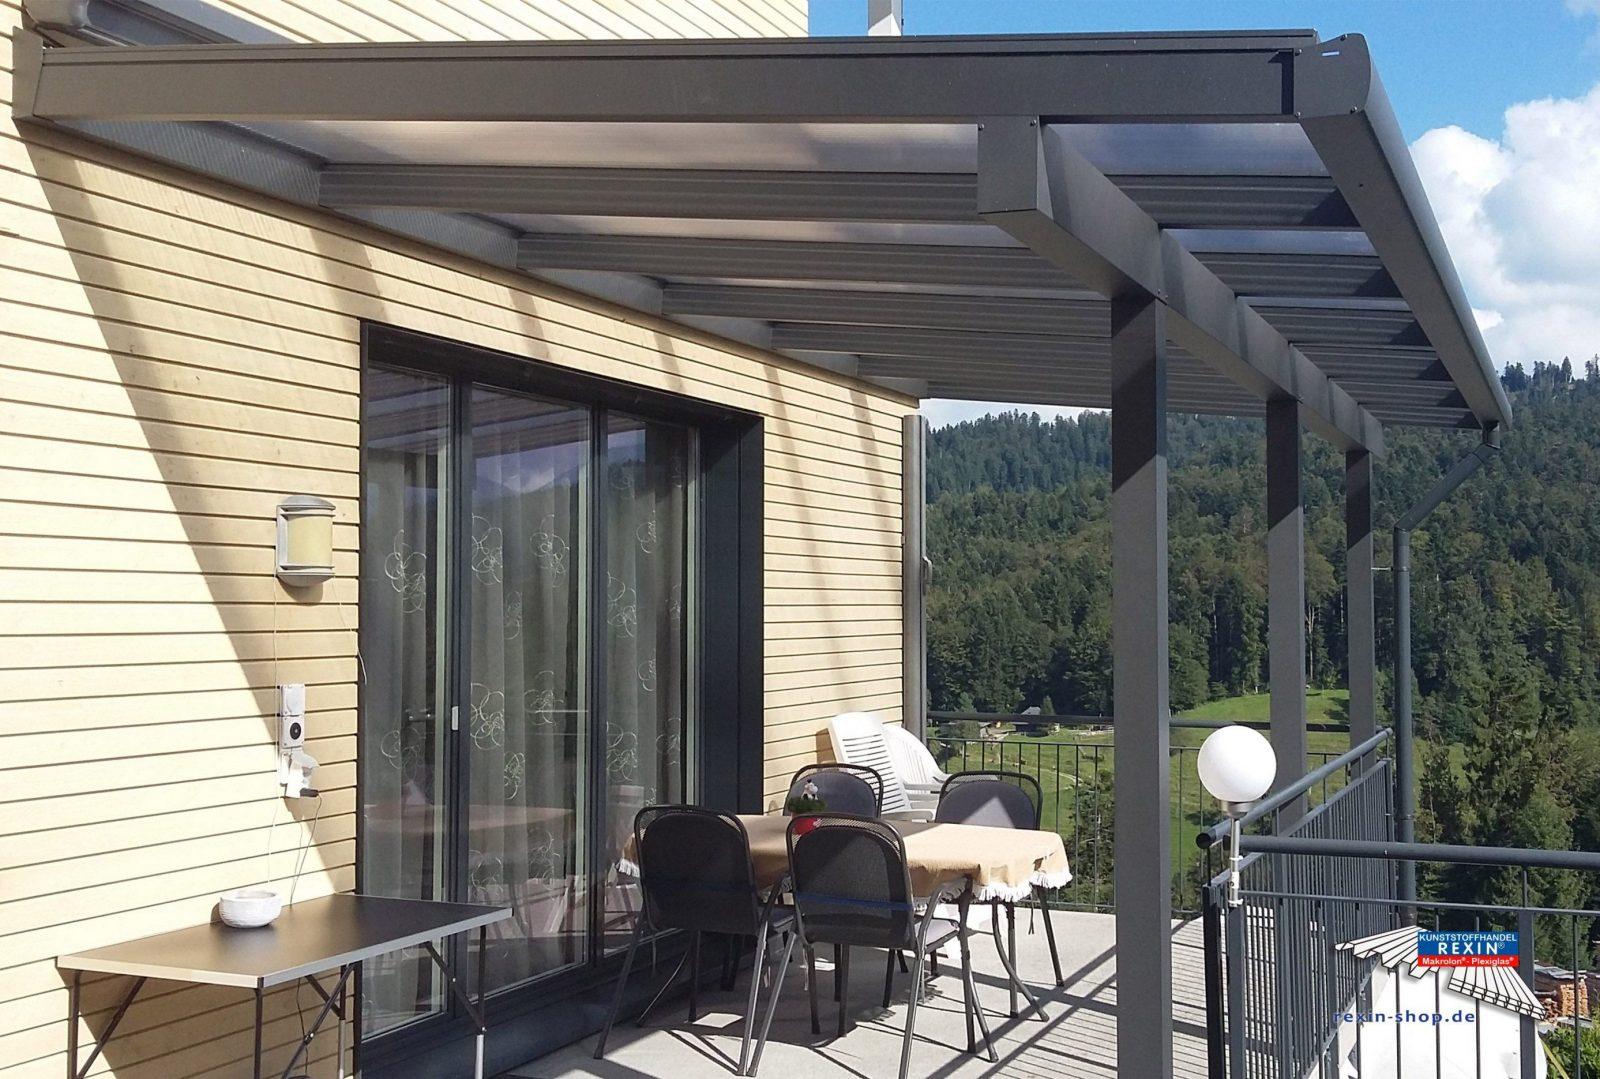 Terrassenuberdachung Alu Selber Bauen Pergola Selber Bauen Terrasse von Pergola Selber Bauen Terrasse Photo